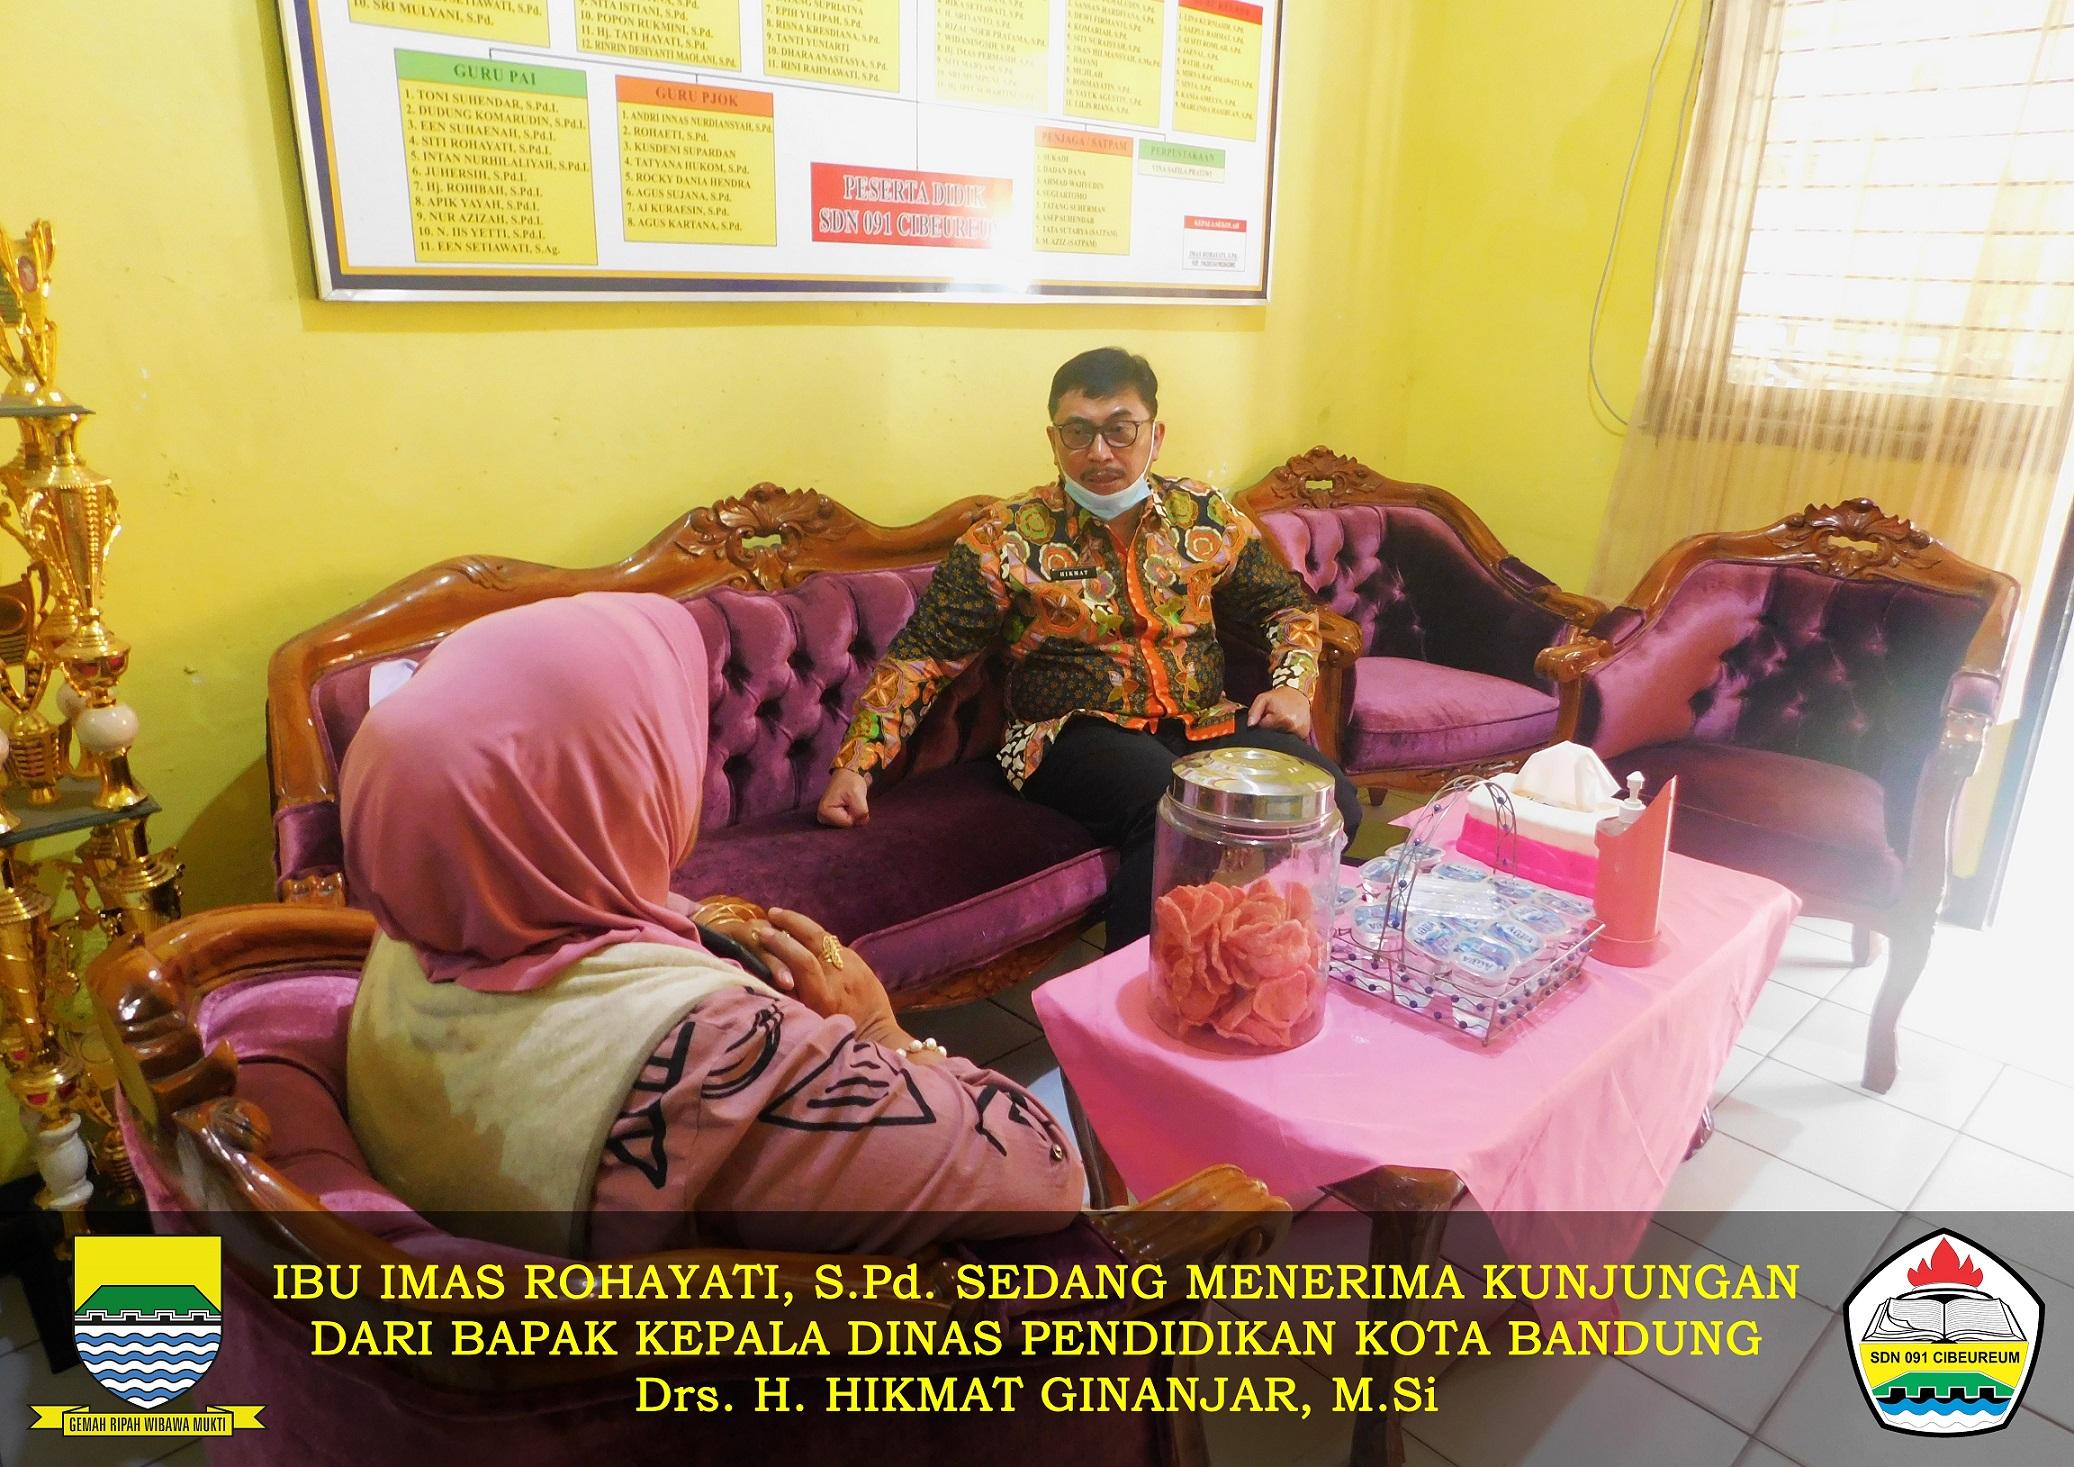 Ibu Kepala SDN 091 CIbeureum bersama Bapak Kadis Pendidikan Kota Bandung 2